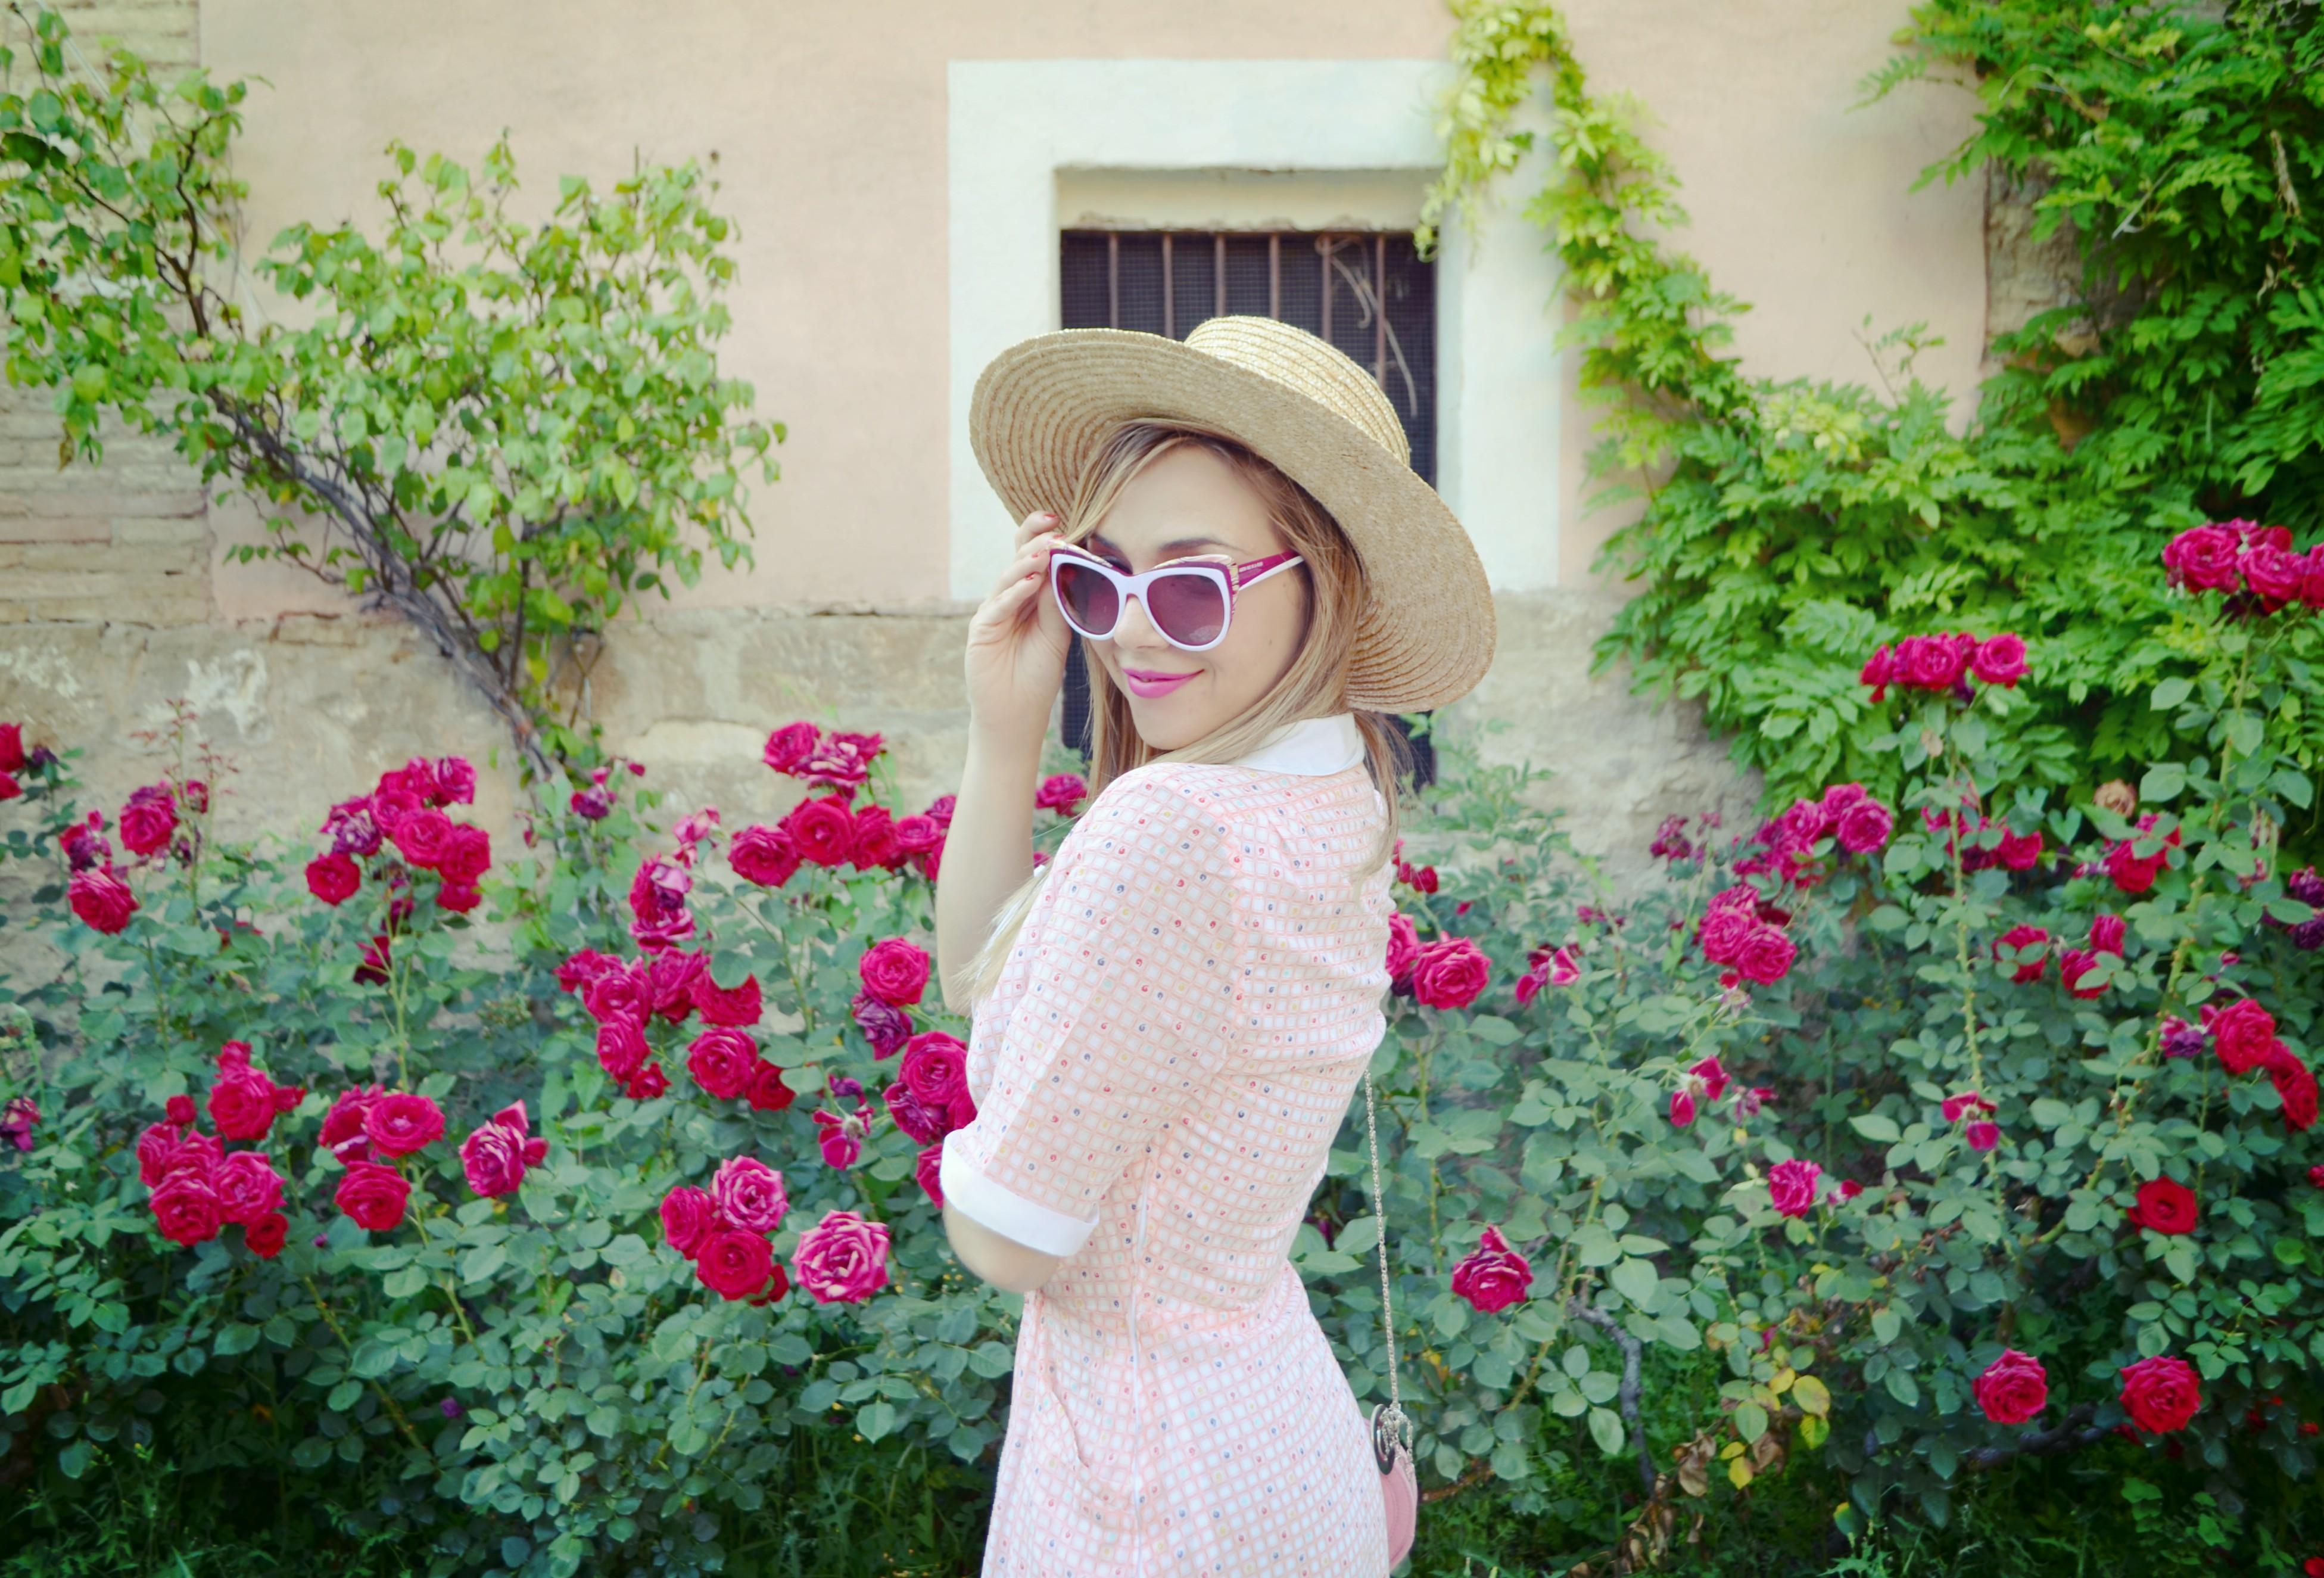 Influencer-Madrid-blog-de-moda-ChicAdicta-fashionista-Chic-Adicta-vestidos-de-flores-vintage-look-cleansingflorette-PiensaenChic-Piensa-en-Chic